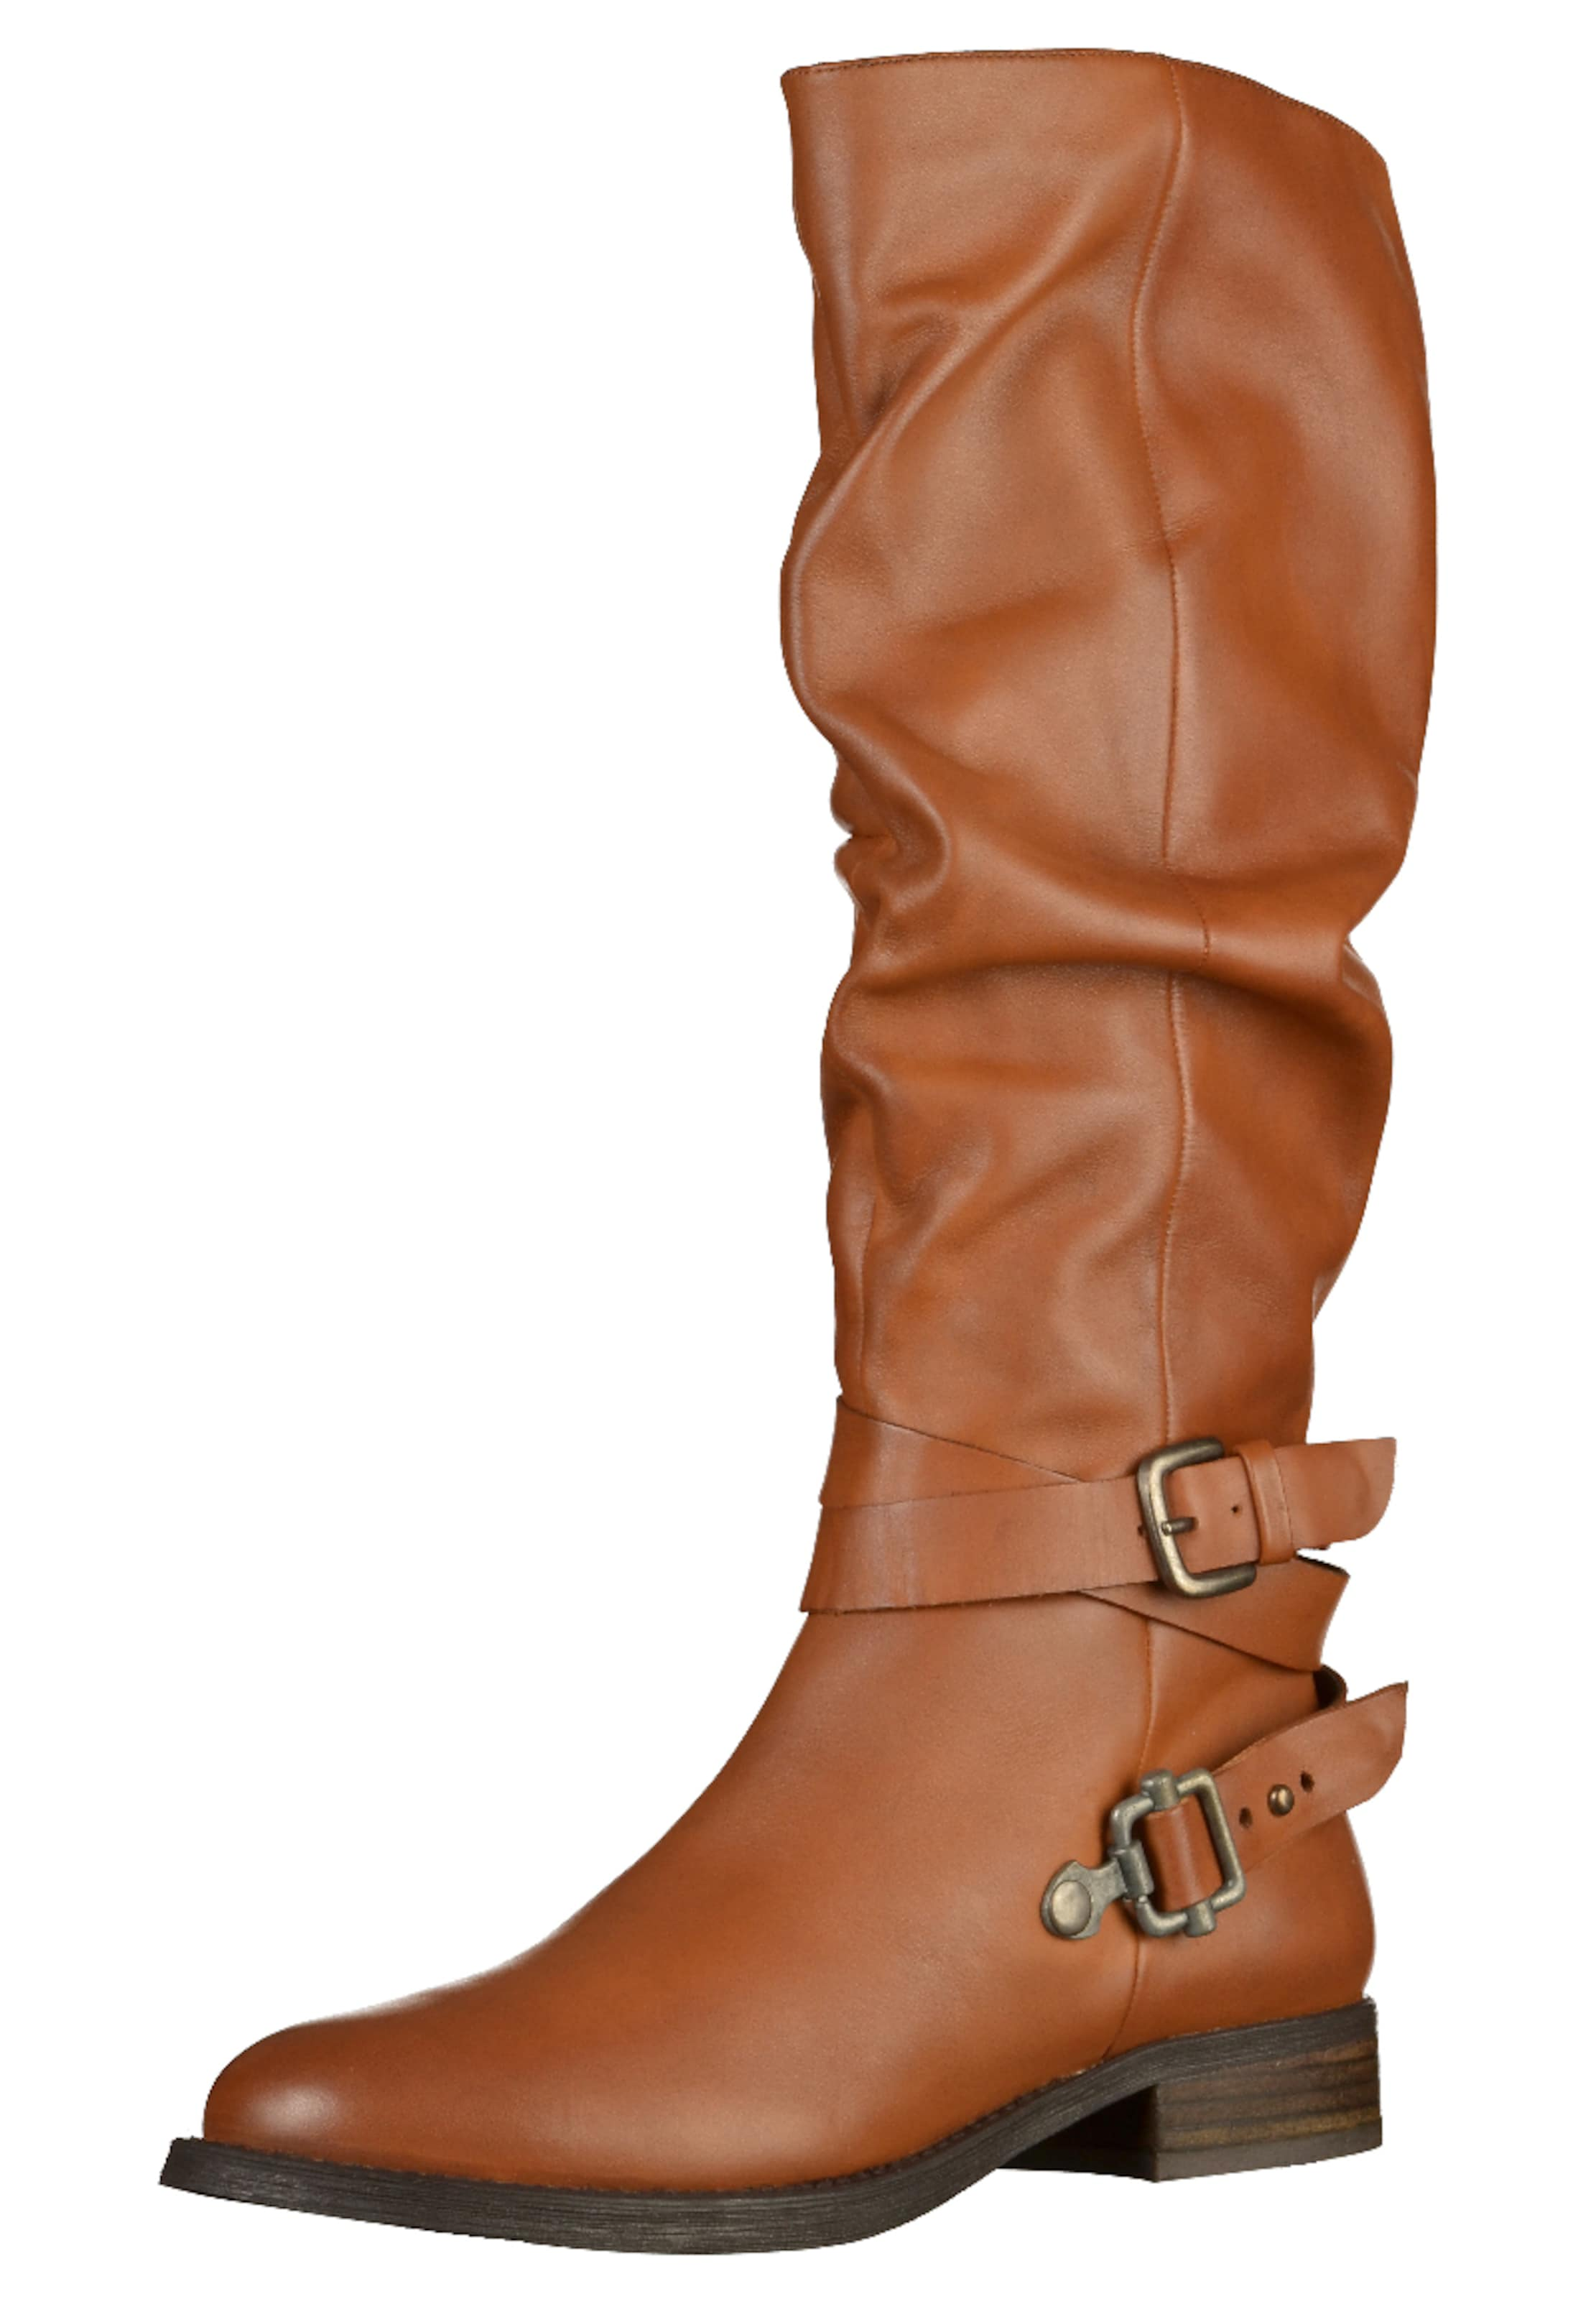 Rabatt Schnelle Lieferung SPM Stiefel Spielraum Erschwinglich Zu Verkaufen Authentische Online Kaufen sHW06a1D